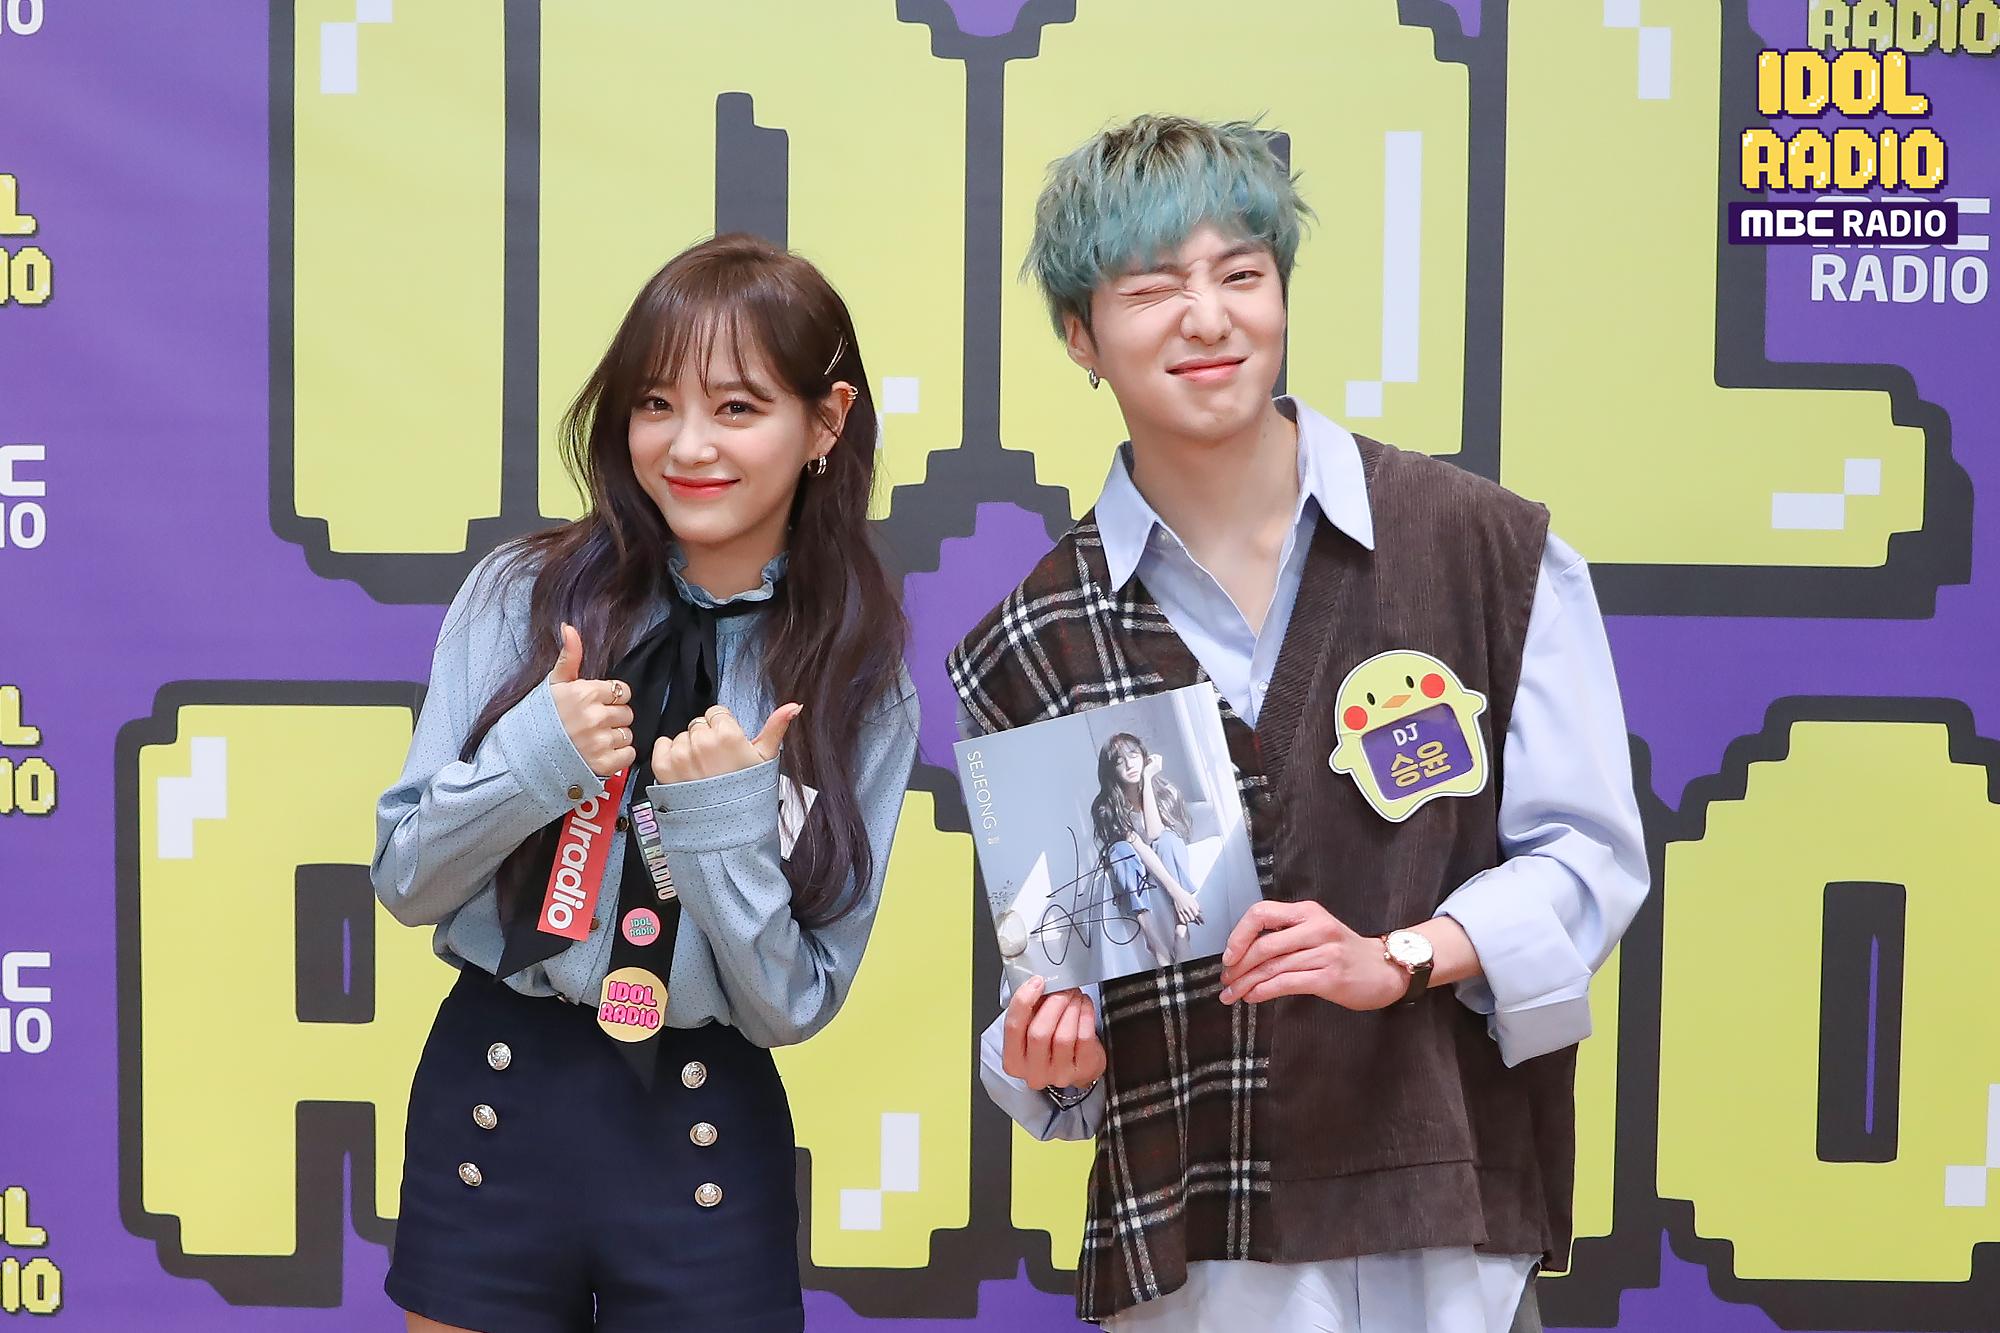 """'아이돌 라디오' 세정 """"코로나 19, 희망은 언제나 있다… 모두가 이겨나가길"""""""